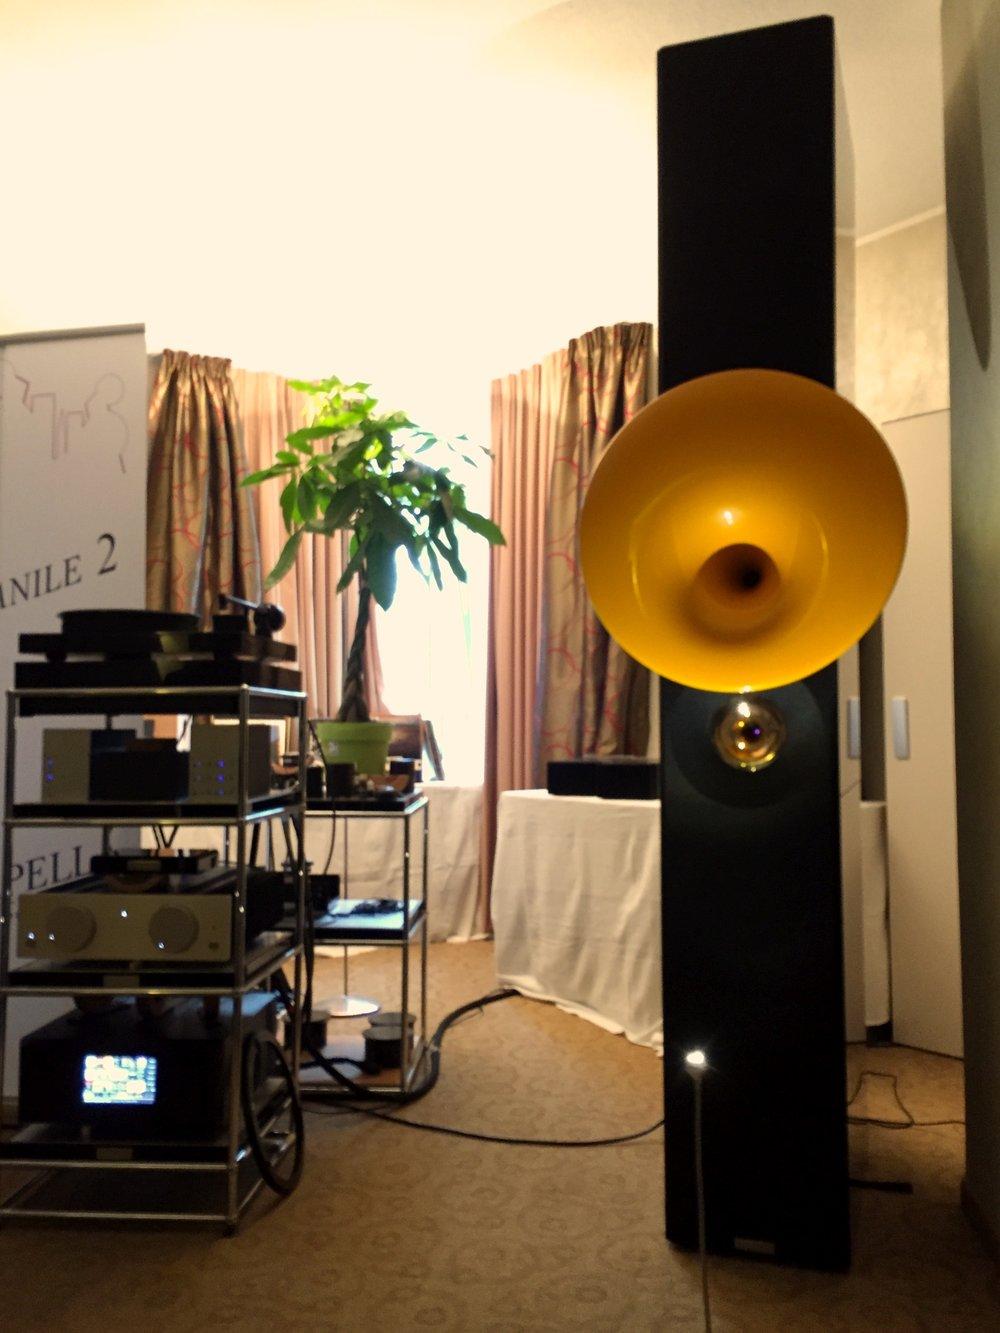 Campanile 2 - New - Risposta in frequenza: 24 Hz - 40 kHzFrequenze di incrocio: 700 / 4500 HzEfficienza: 93dB / WmImpedenza: 8 ΩCarico elettrico sopportato: 200 W - 1000 W per 10 ms senza distorsioneAmplificatore raccomandato minimo 20 WDimensioni (A x L x P):colonna 1170 x 330 x 450 mmtotale 1550 x 460 x 580 mmPeso: 200 kg cadauna